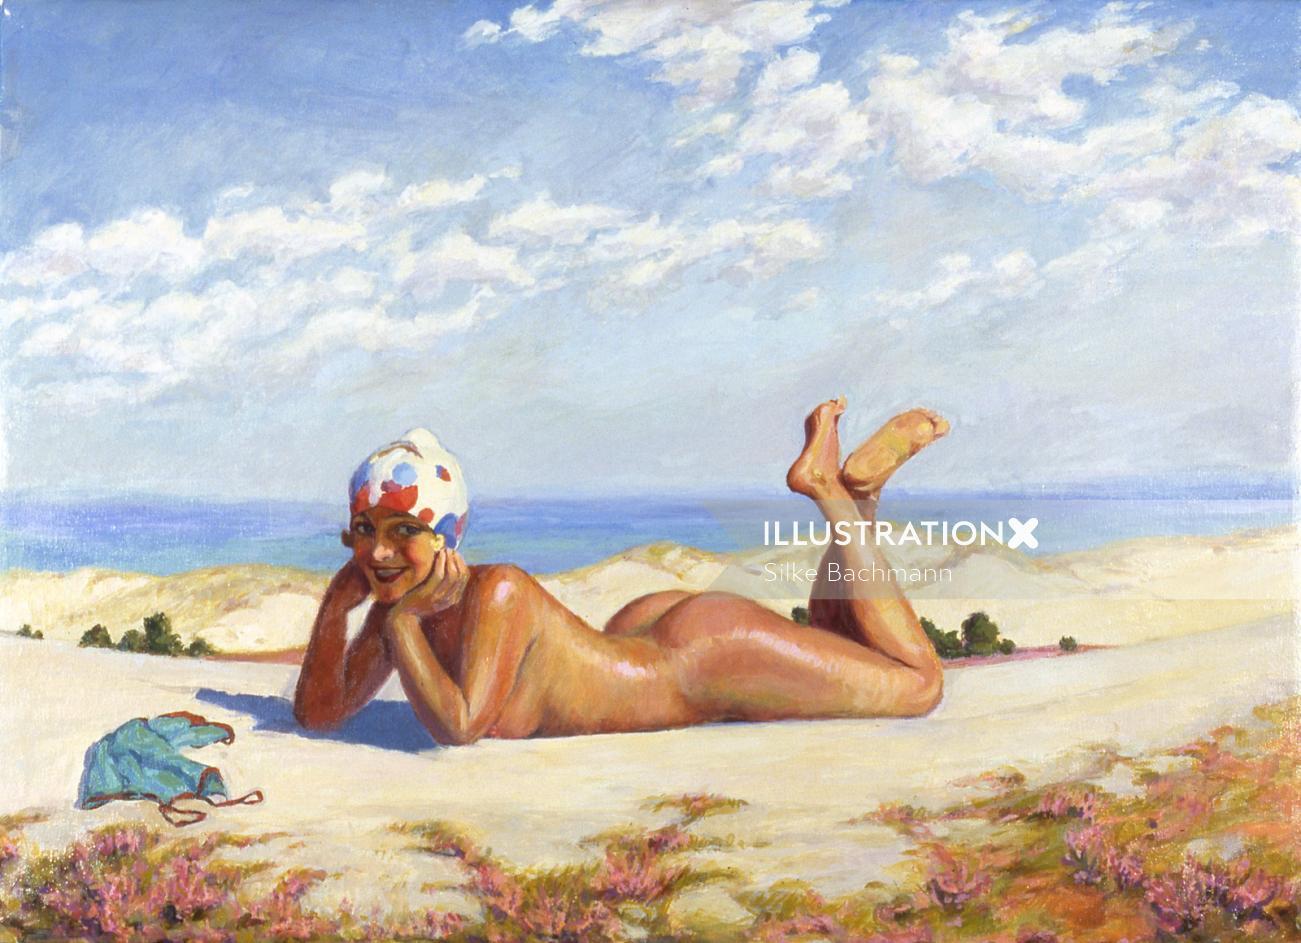 Nude woman sleeping at beach - An illustration by Silke Bachmann